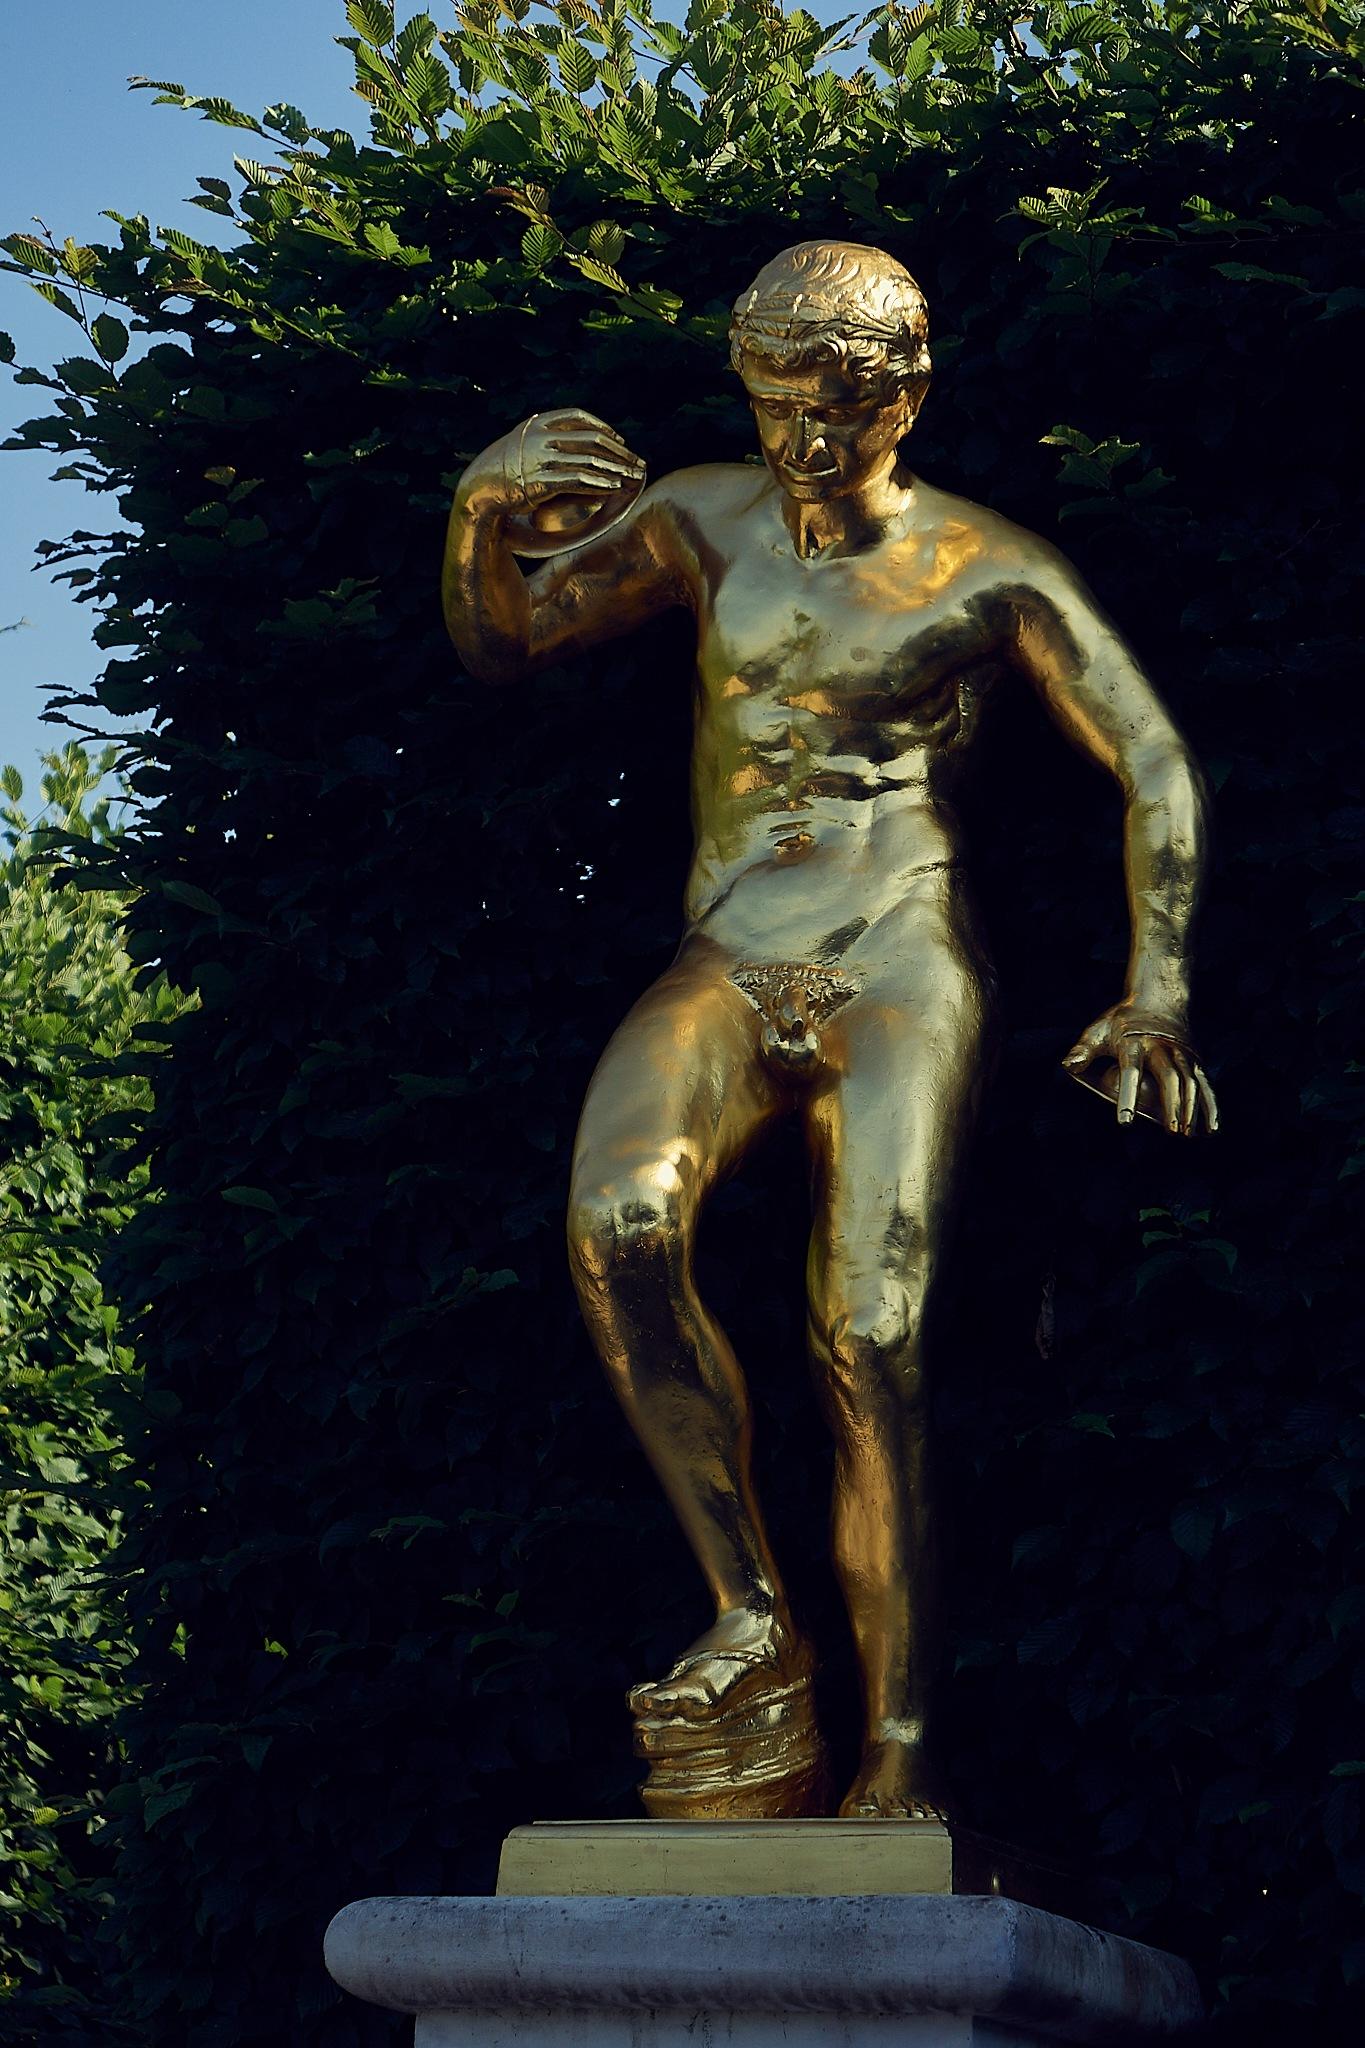 Golden Man by Peter Buck